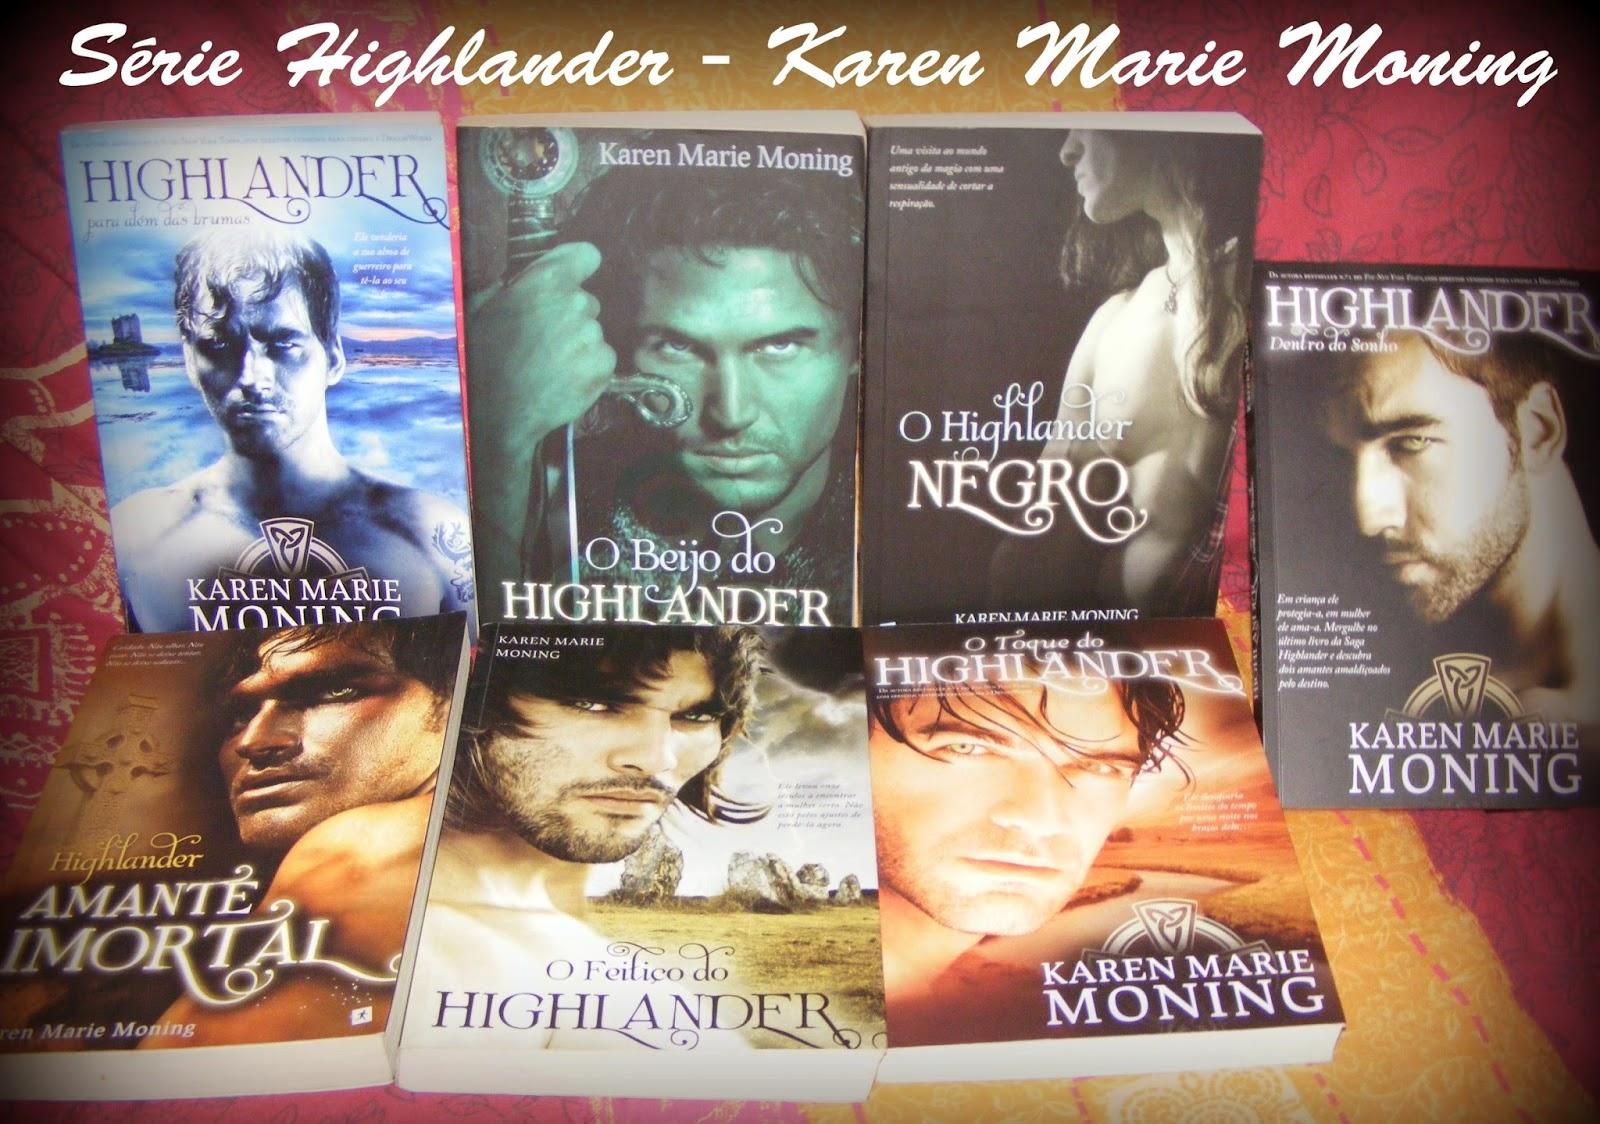 Efeito dos livros highlander dentro do sonho opinio e como esta autora ocupa um dos lugares cimeiros no meu top de preferncias vou tratar de levar a cabo a minha misso de reunir e apreciar highlanders fandeluxe Gallery